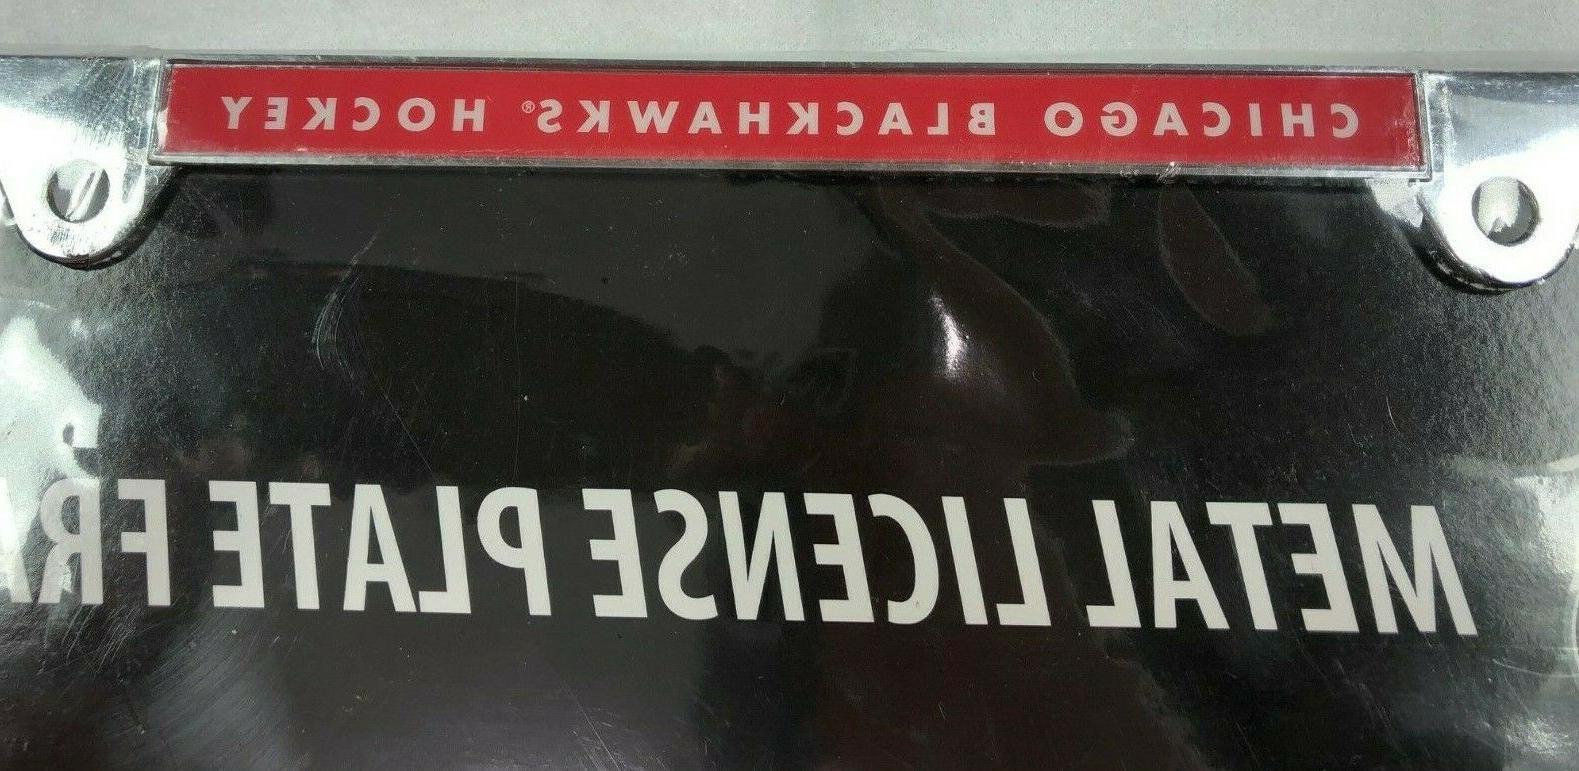 NHL BLACKHAWKS Metal License Plate Frame • Memorabilia • NIB